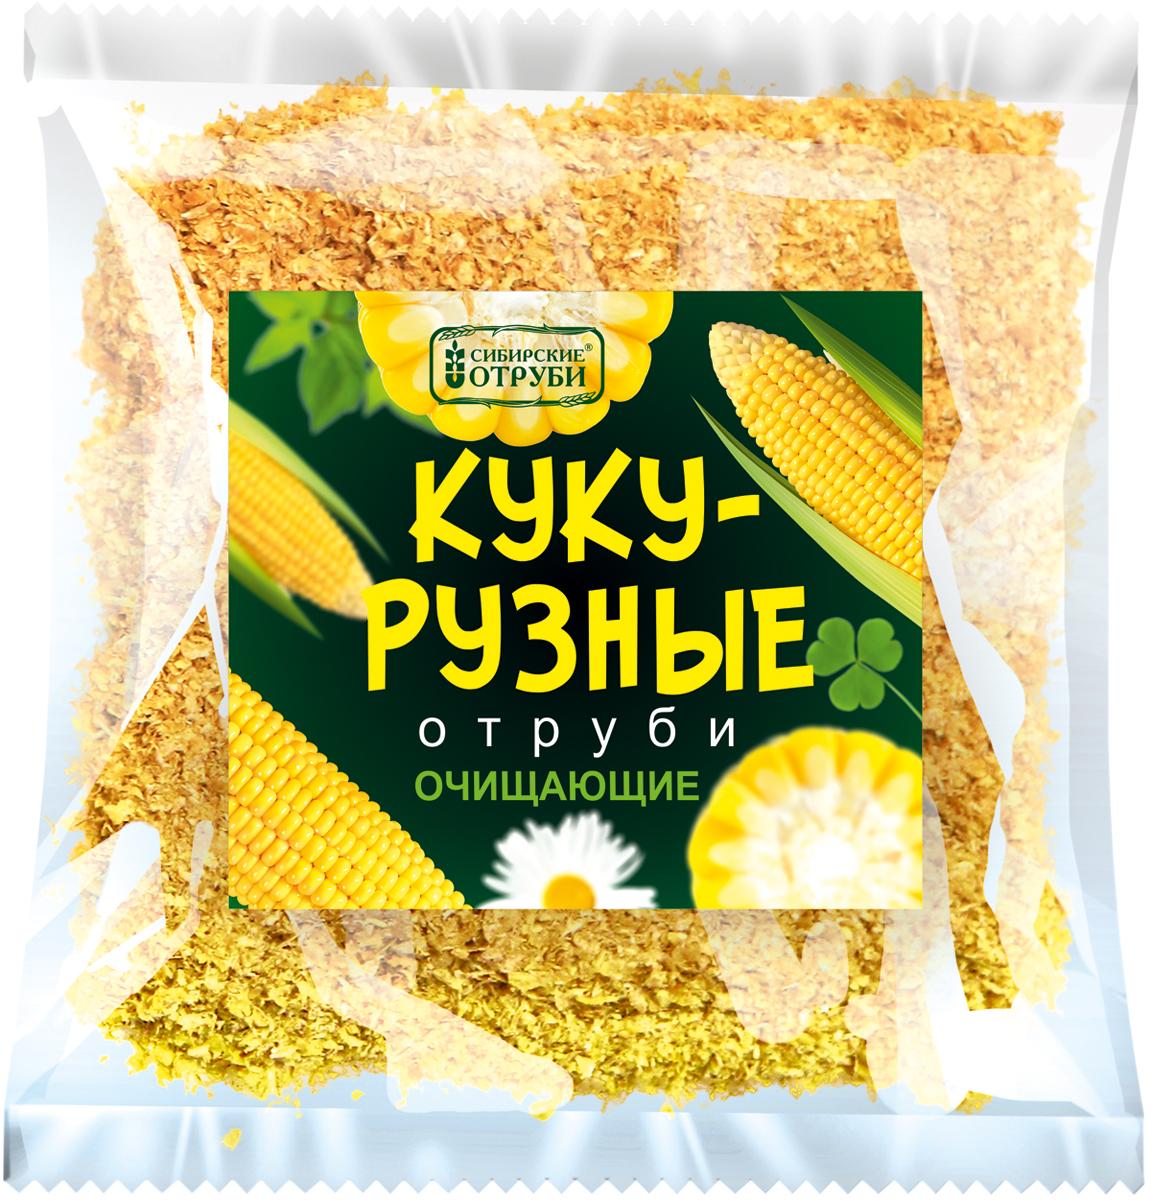 Сибирские отруби Кукурузные очищающие, 180 г сибирские отруби пшеничные натуральные 200 г